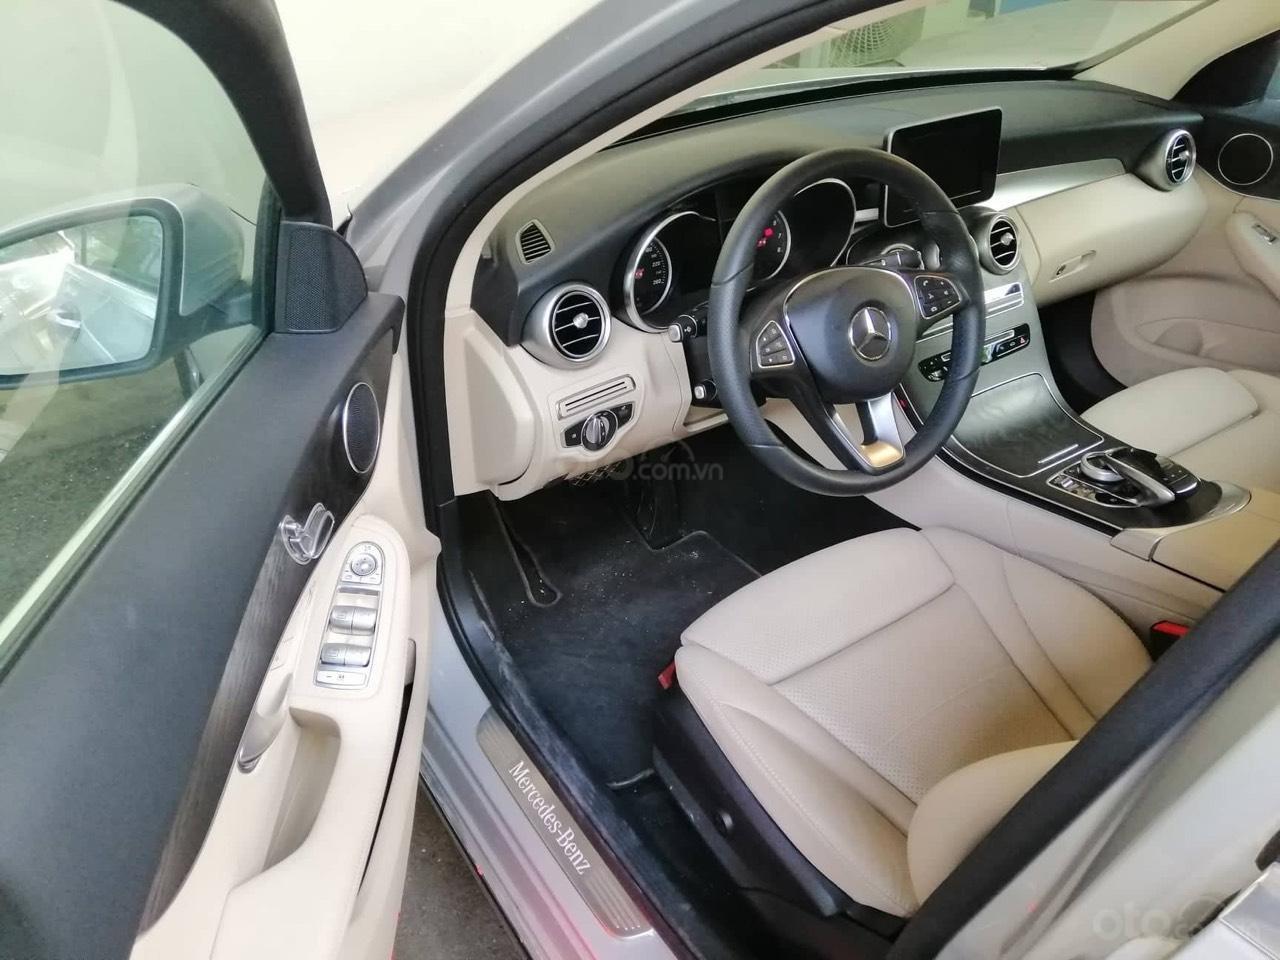 Mercedes C200 màu bạc/kem model 2018, đăng ký 2018. Xe chính hãng siêu lướt 2.900km-5